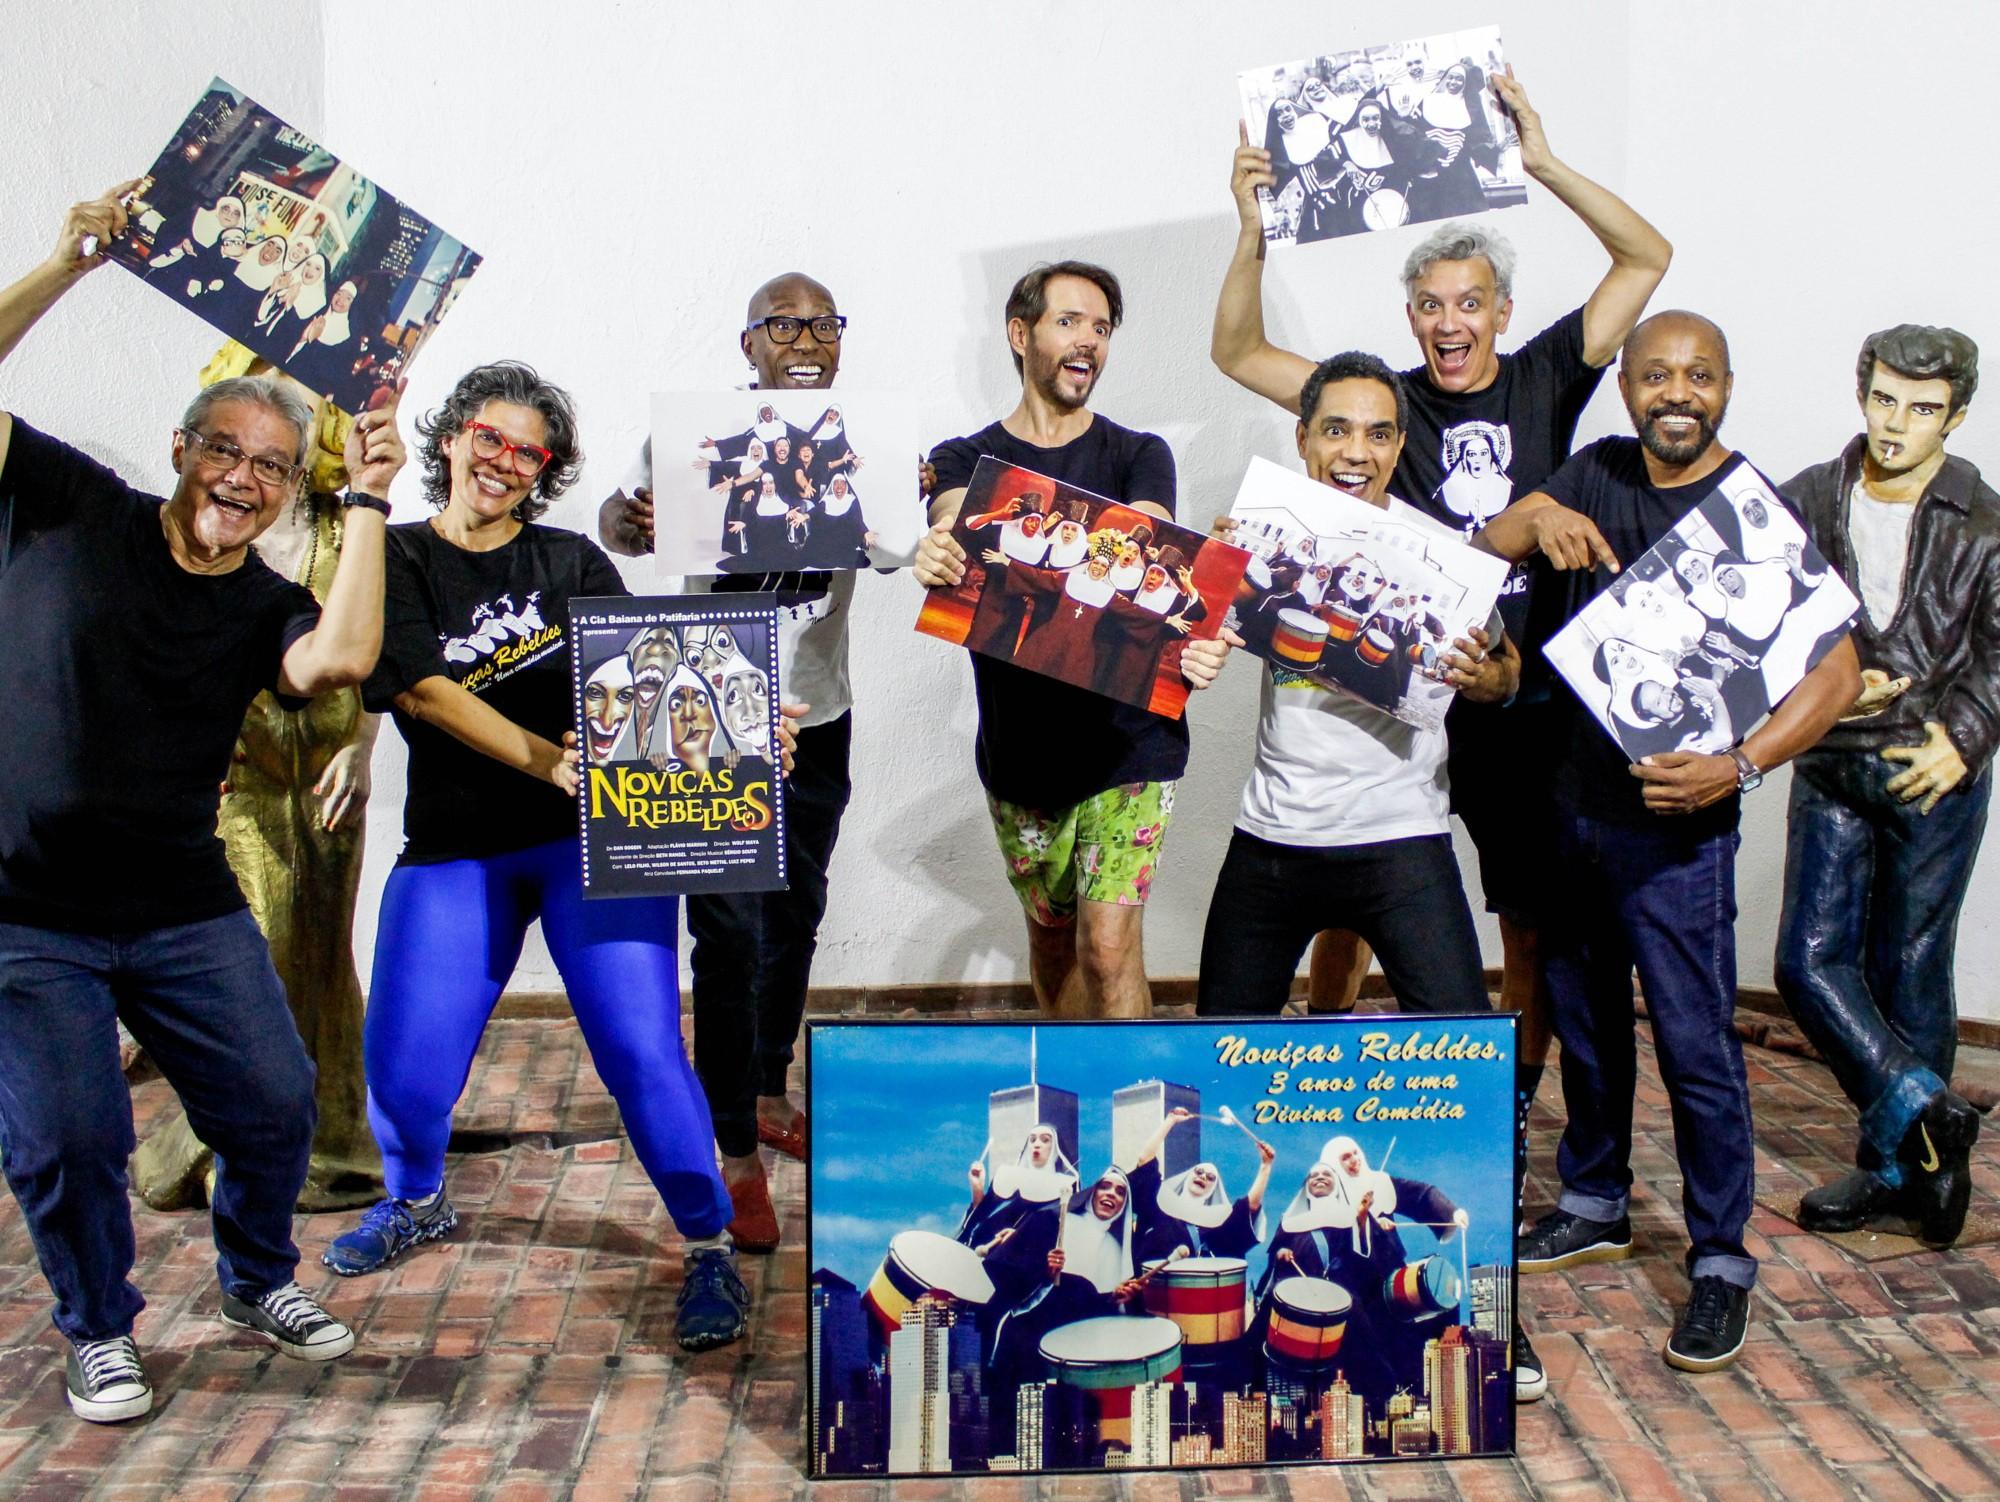 Comédia musical 'A Noviça Mais Rebelde' está em cartaz em Salvador; confira